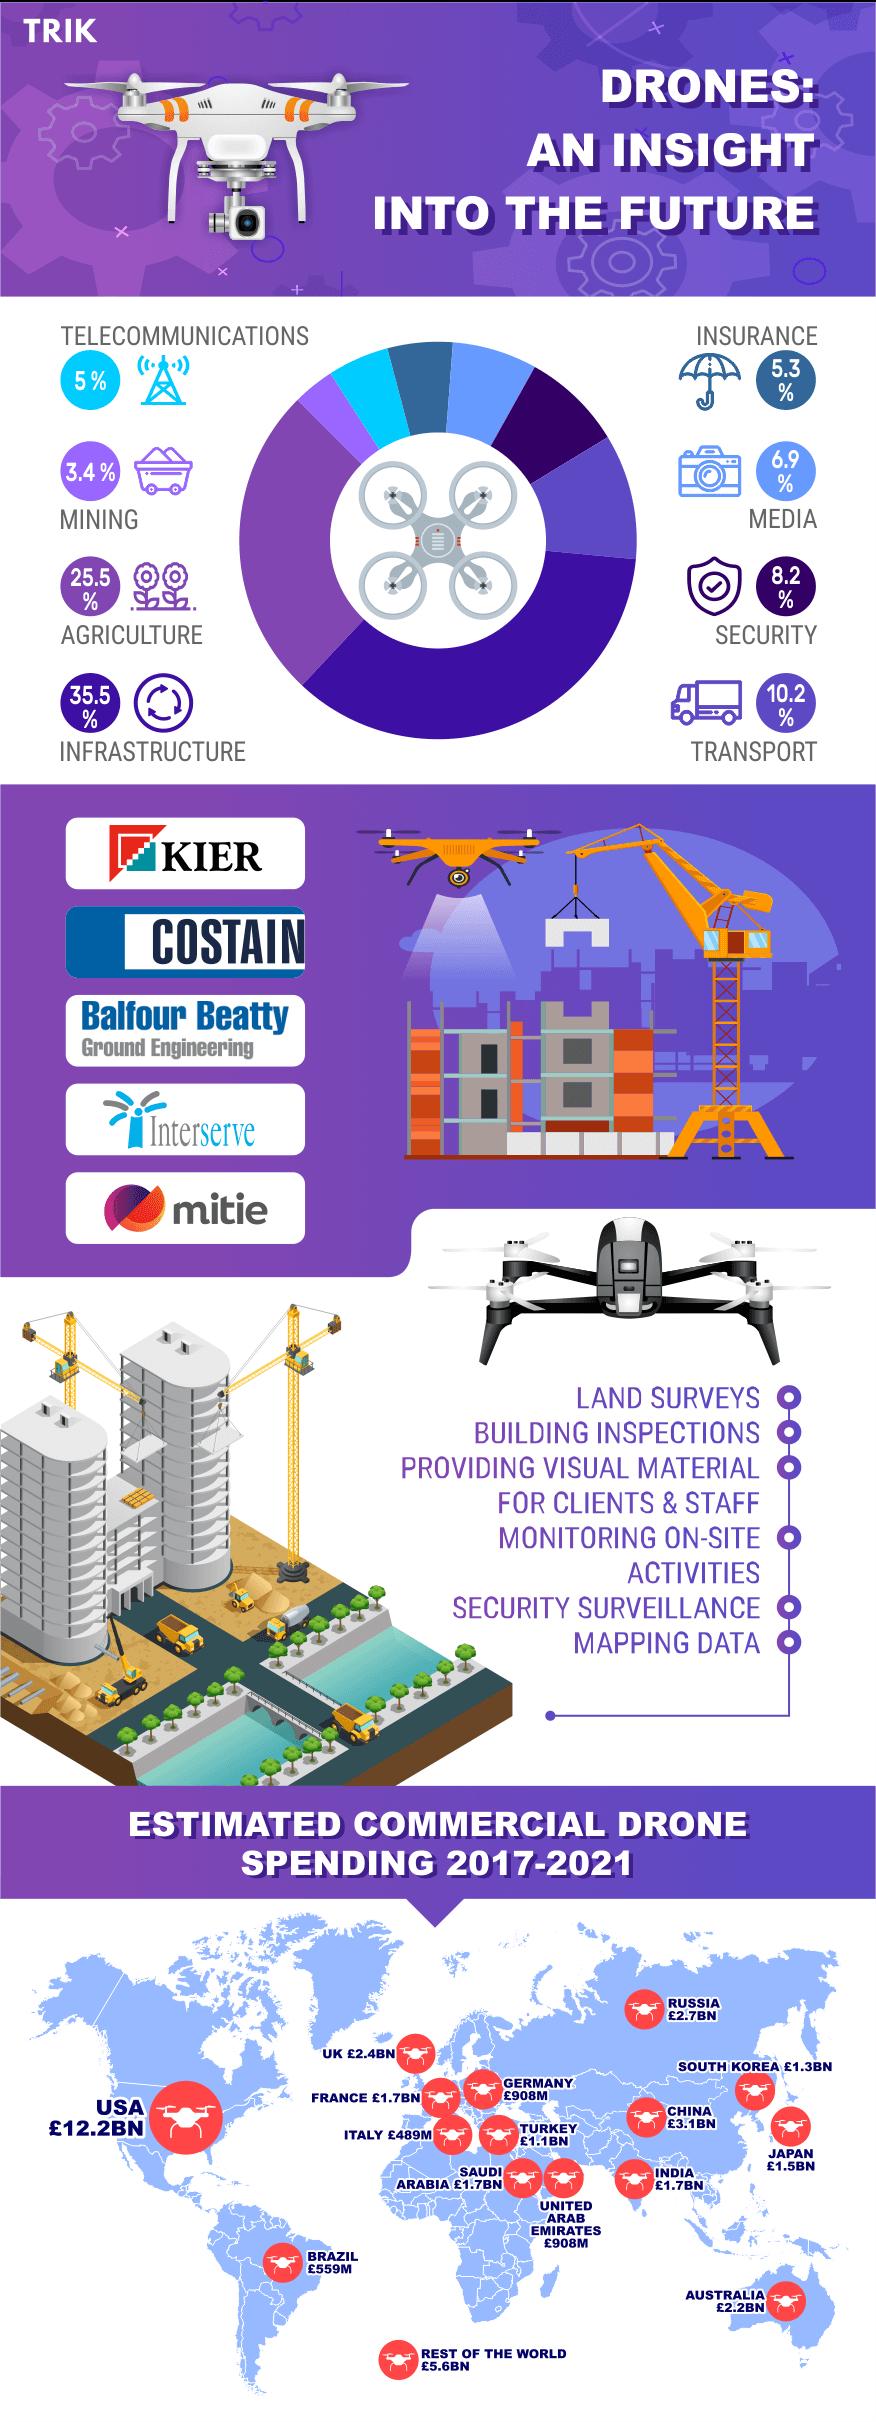 drones insight into the future